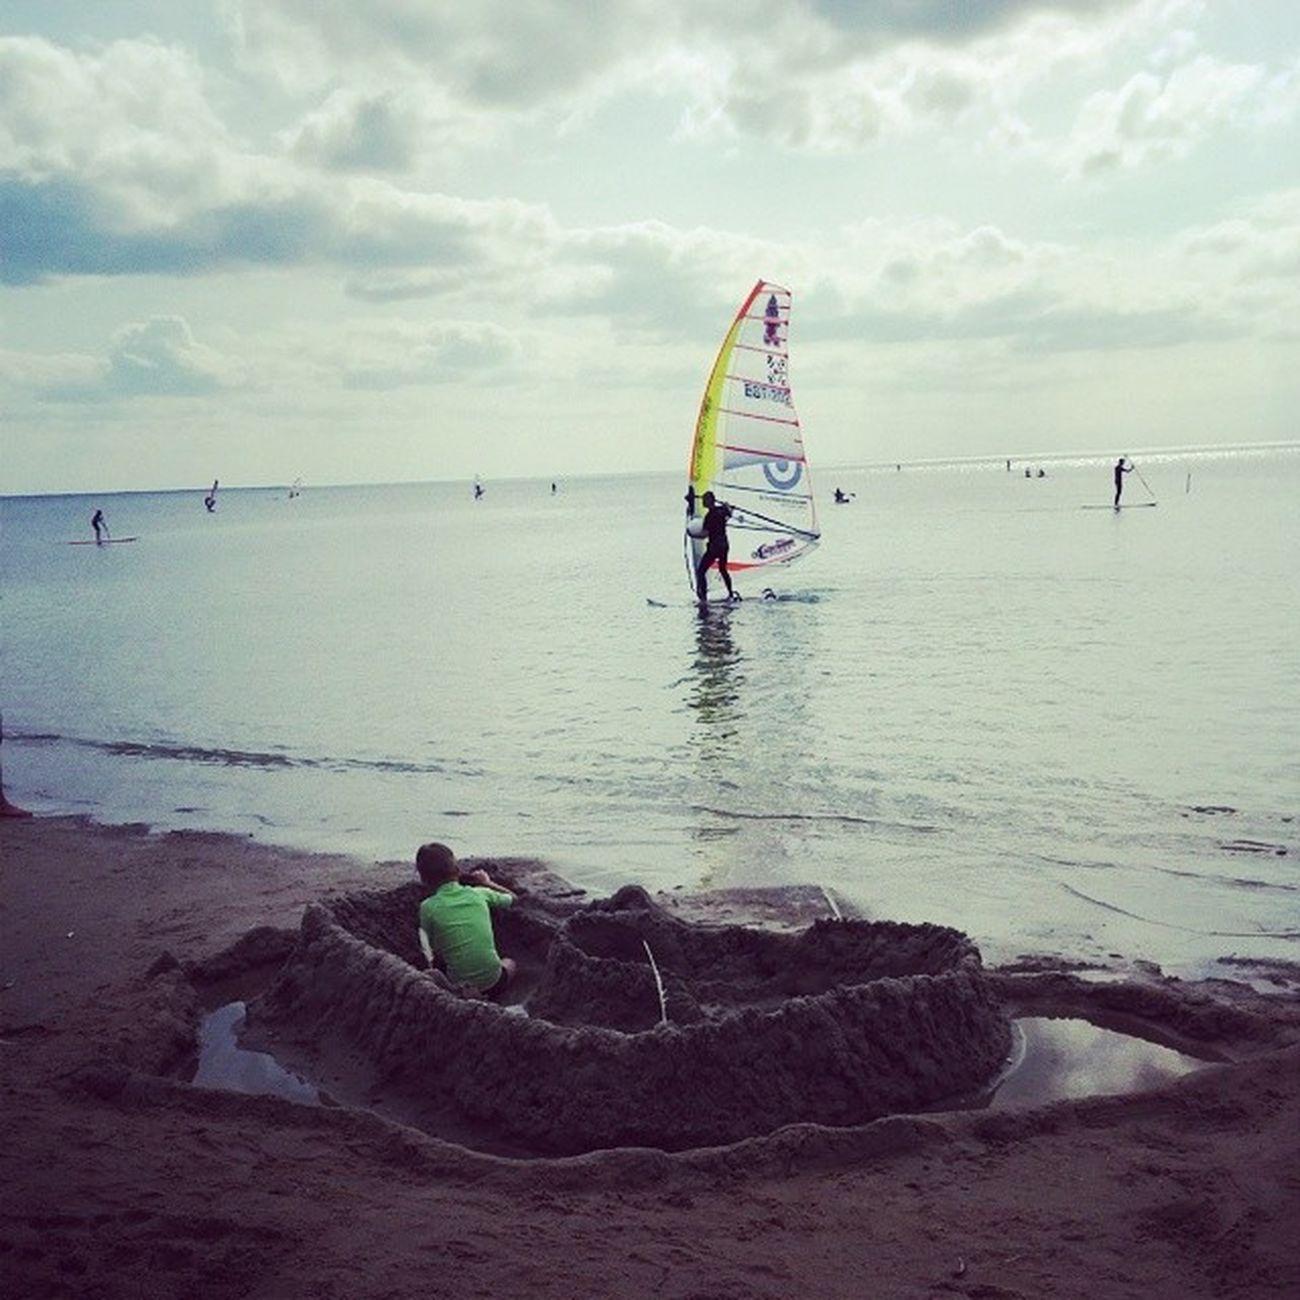 Психанули с Алексом, сказали построить песочный замок.. Город тоже ничего. Я думаюаlex Porusski Estonia Balticsea beachsandecatlepiece